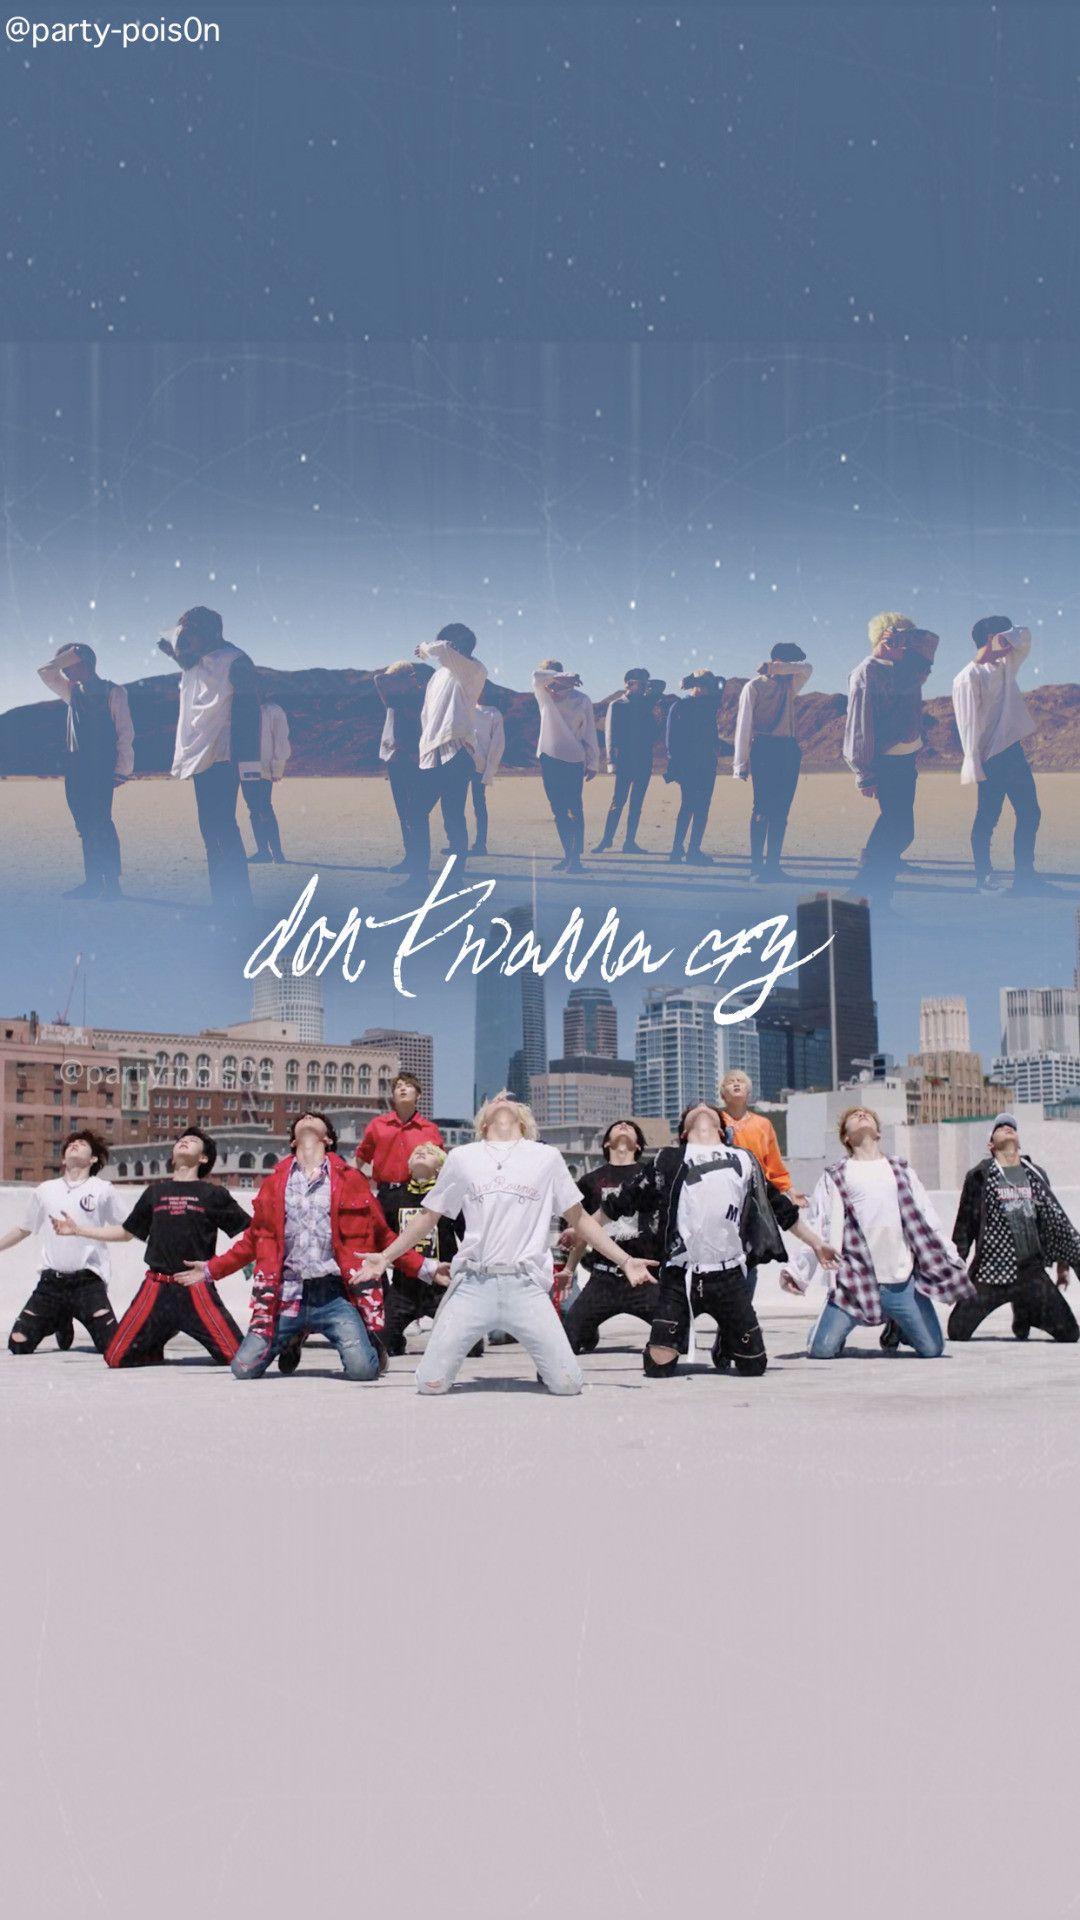 Free Seventeen Wallpaper Kpop 1080x1920 Seventeen Wallpaper Kpop Seventeen Woozi Seventeen Wallpapers